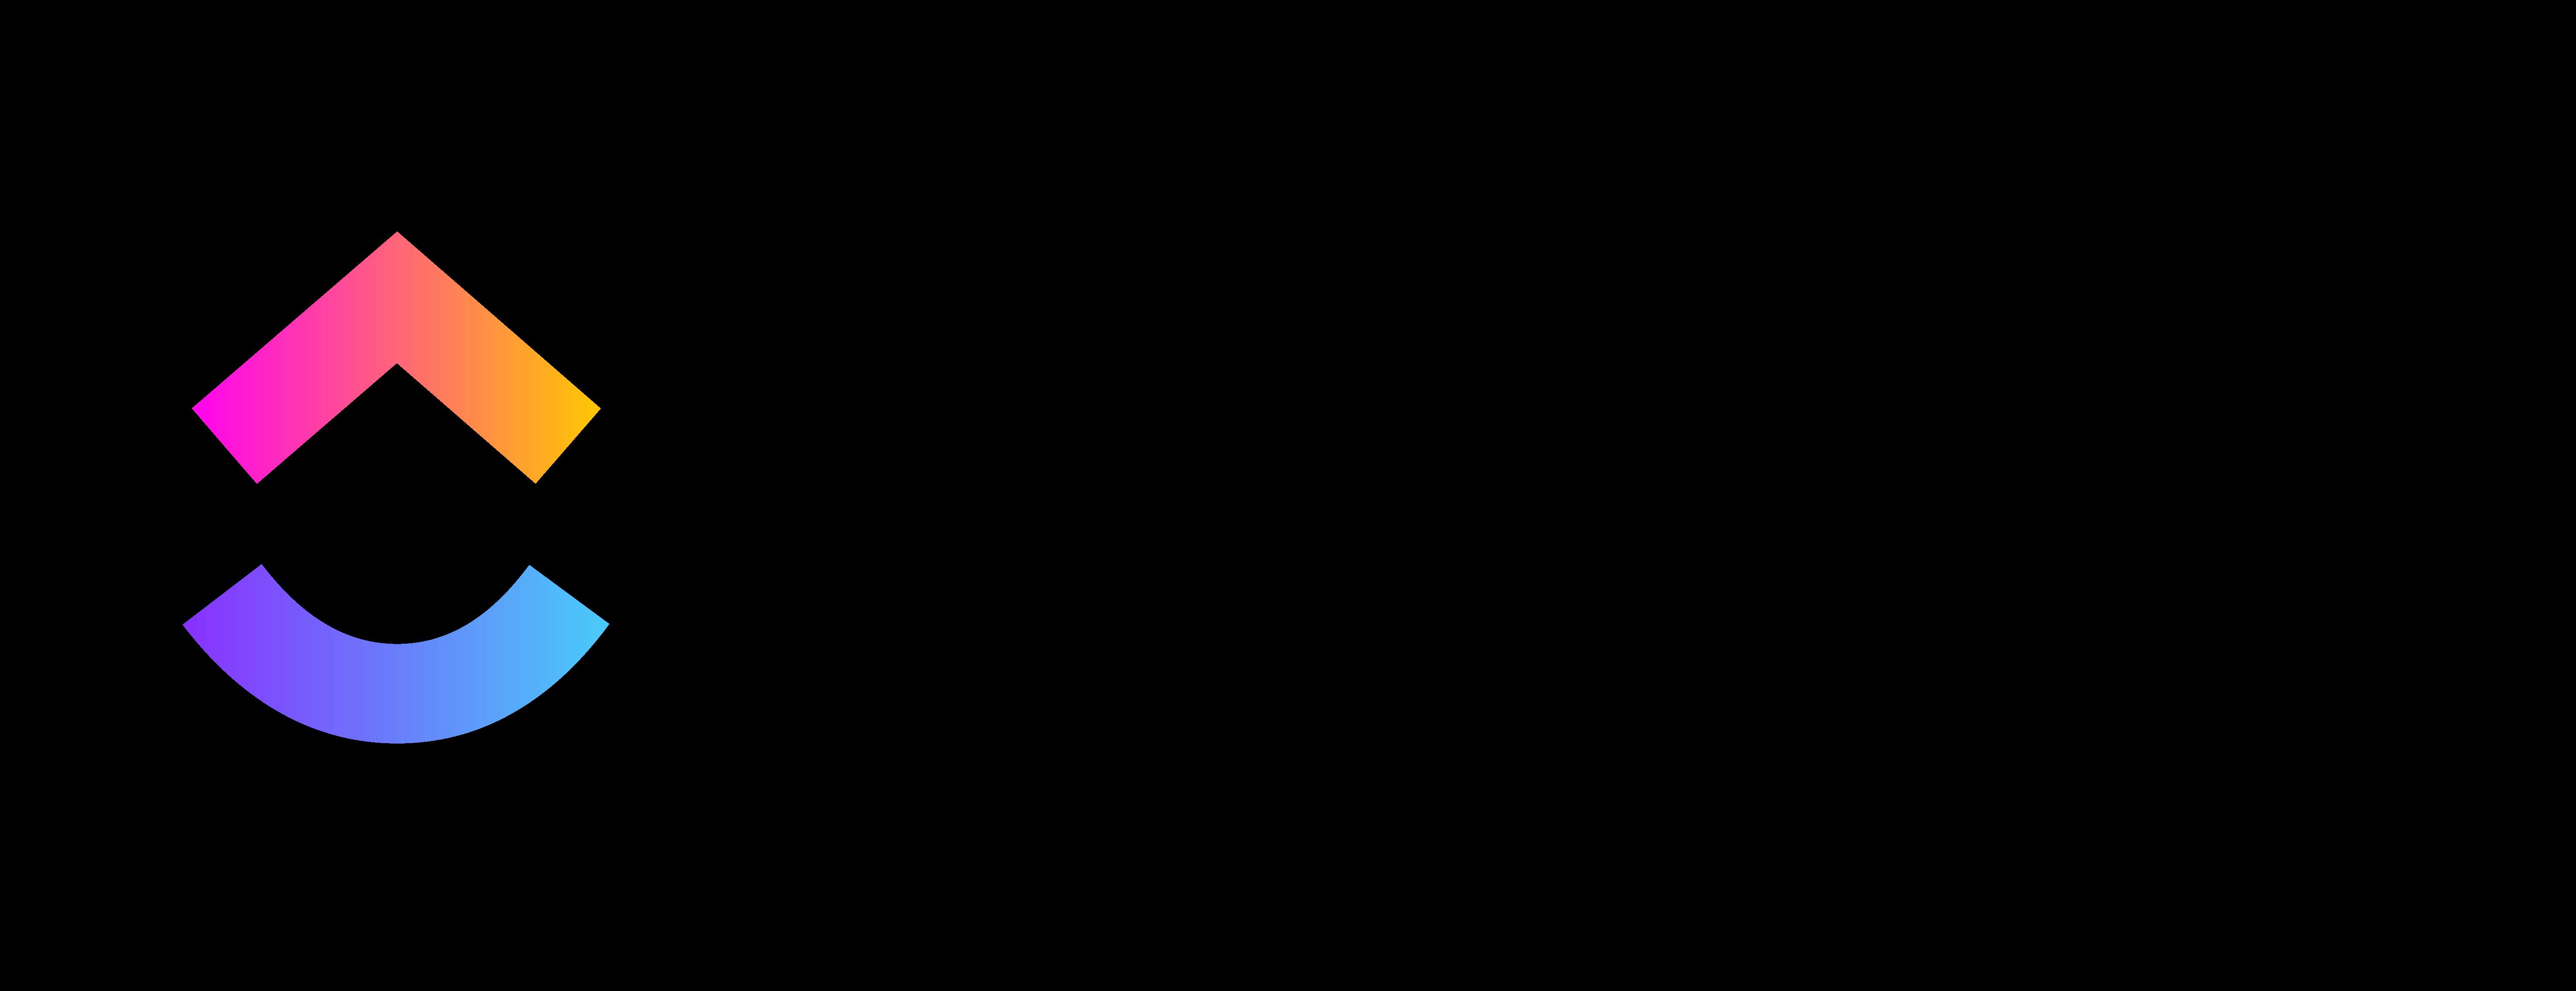 クリックアップのロゴ